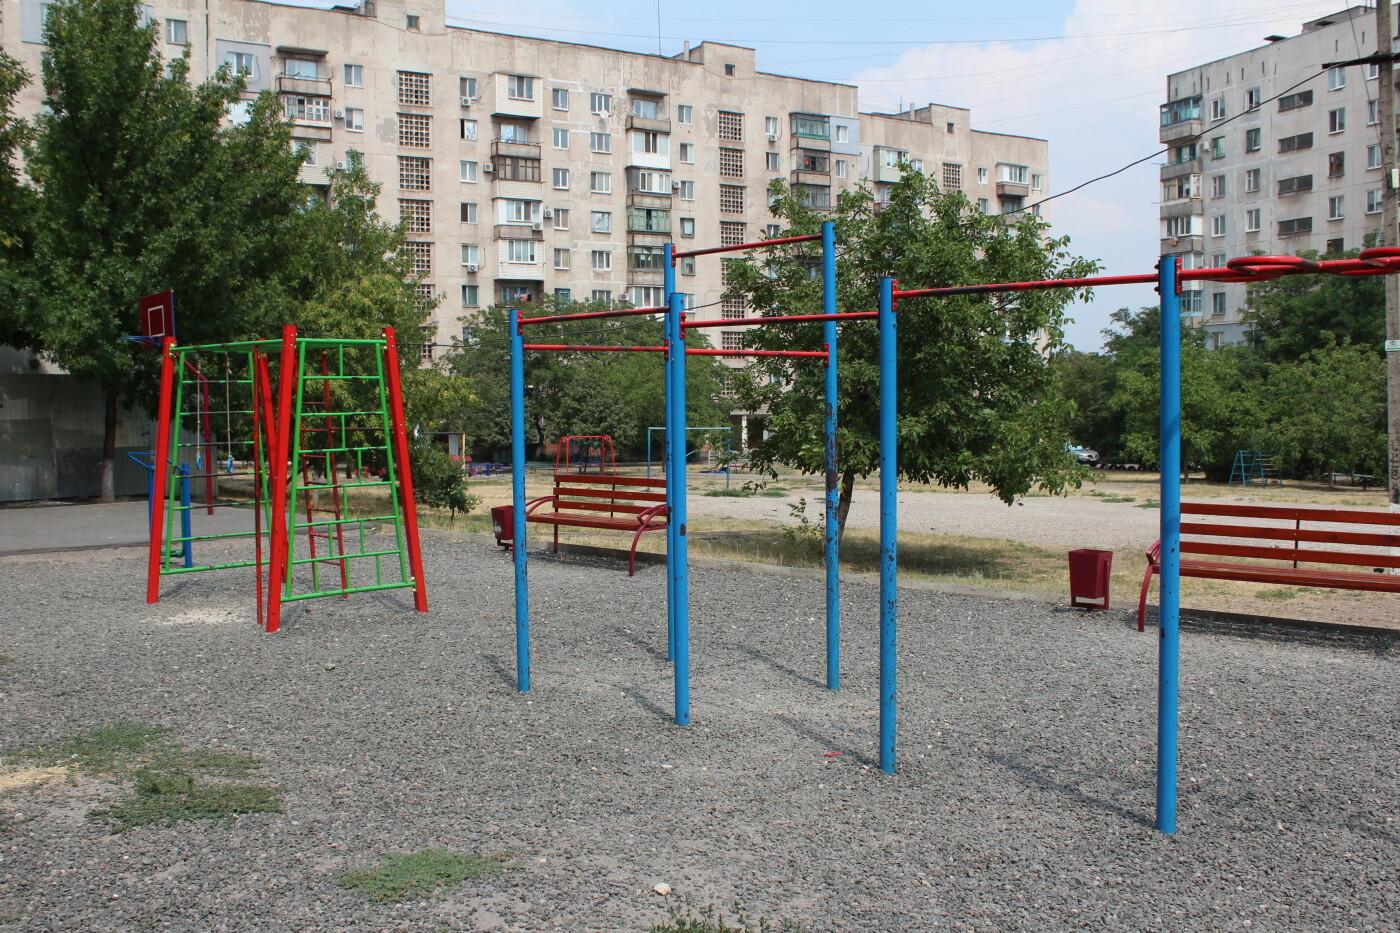 Наши дети – наше будущее. Обустройство детских и спортивных площадок в вашем городе, фото-8